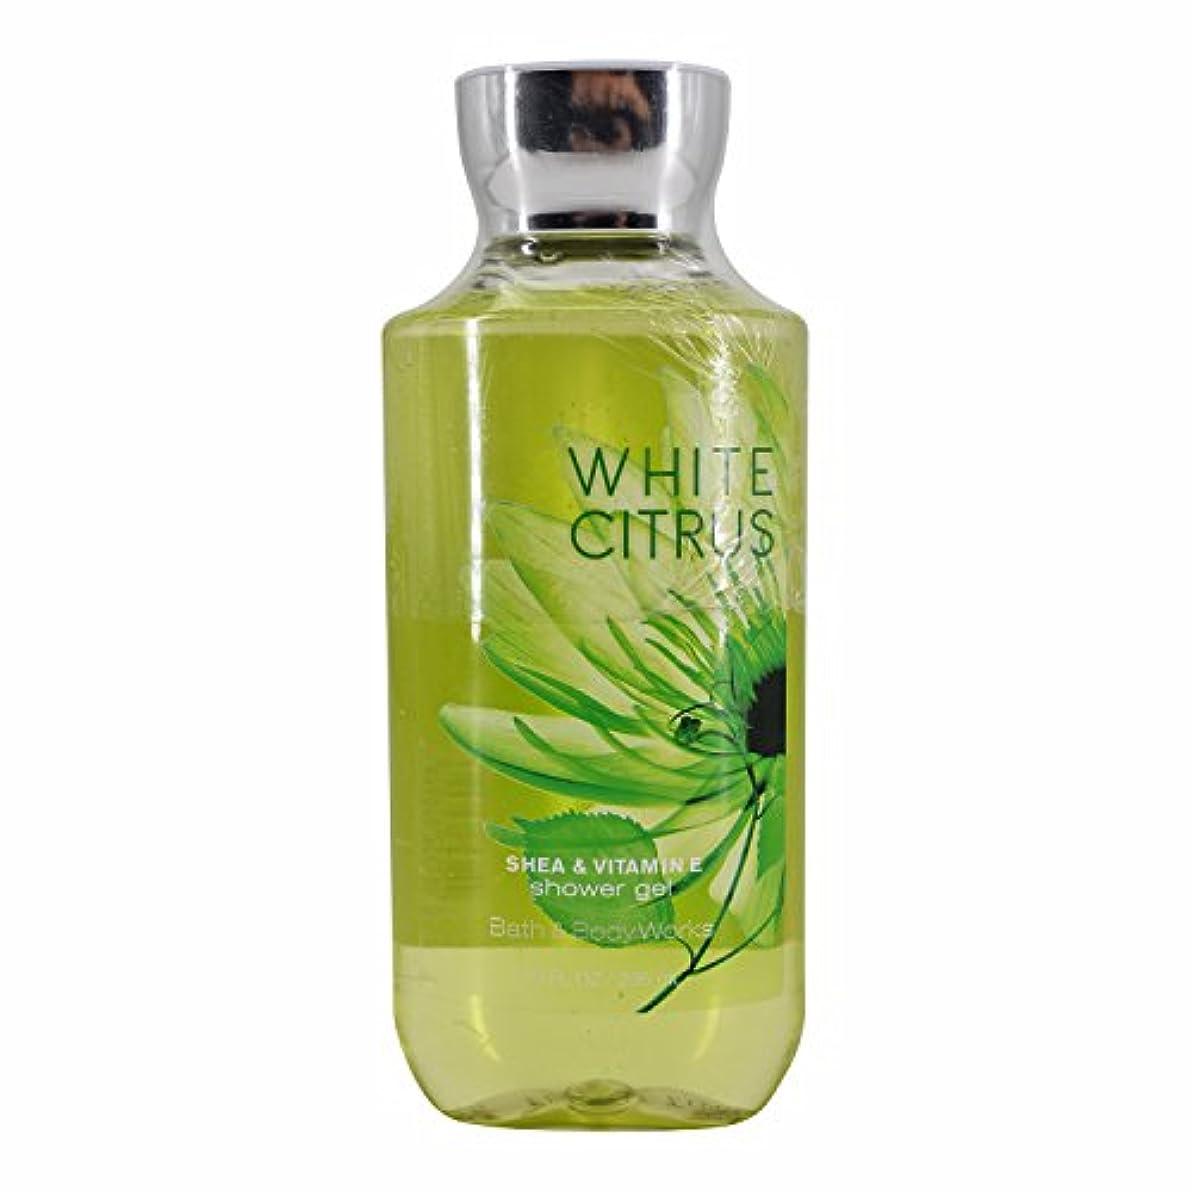 余計なアクセント当社バス&ボディワークス ホワイトシトラス シャワージェル White Citrus Shea & Vitamin-E Shower Gel